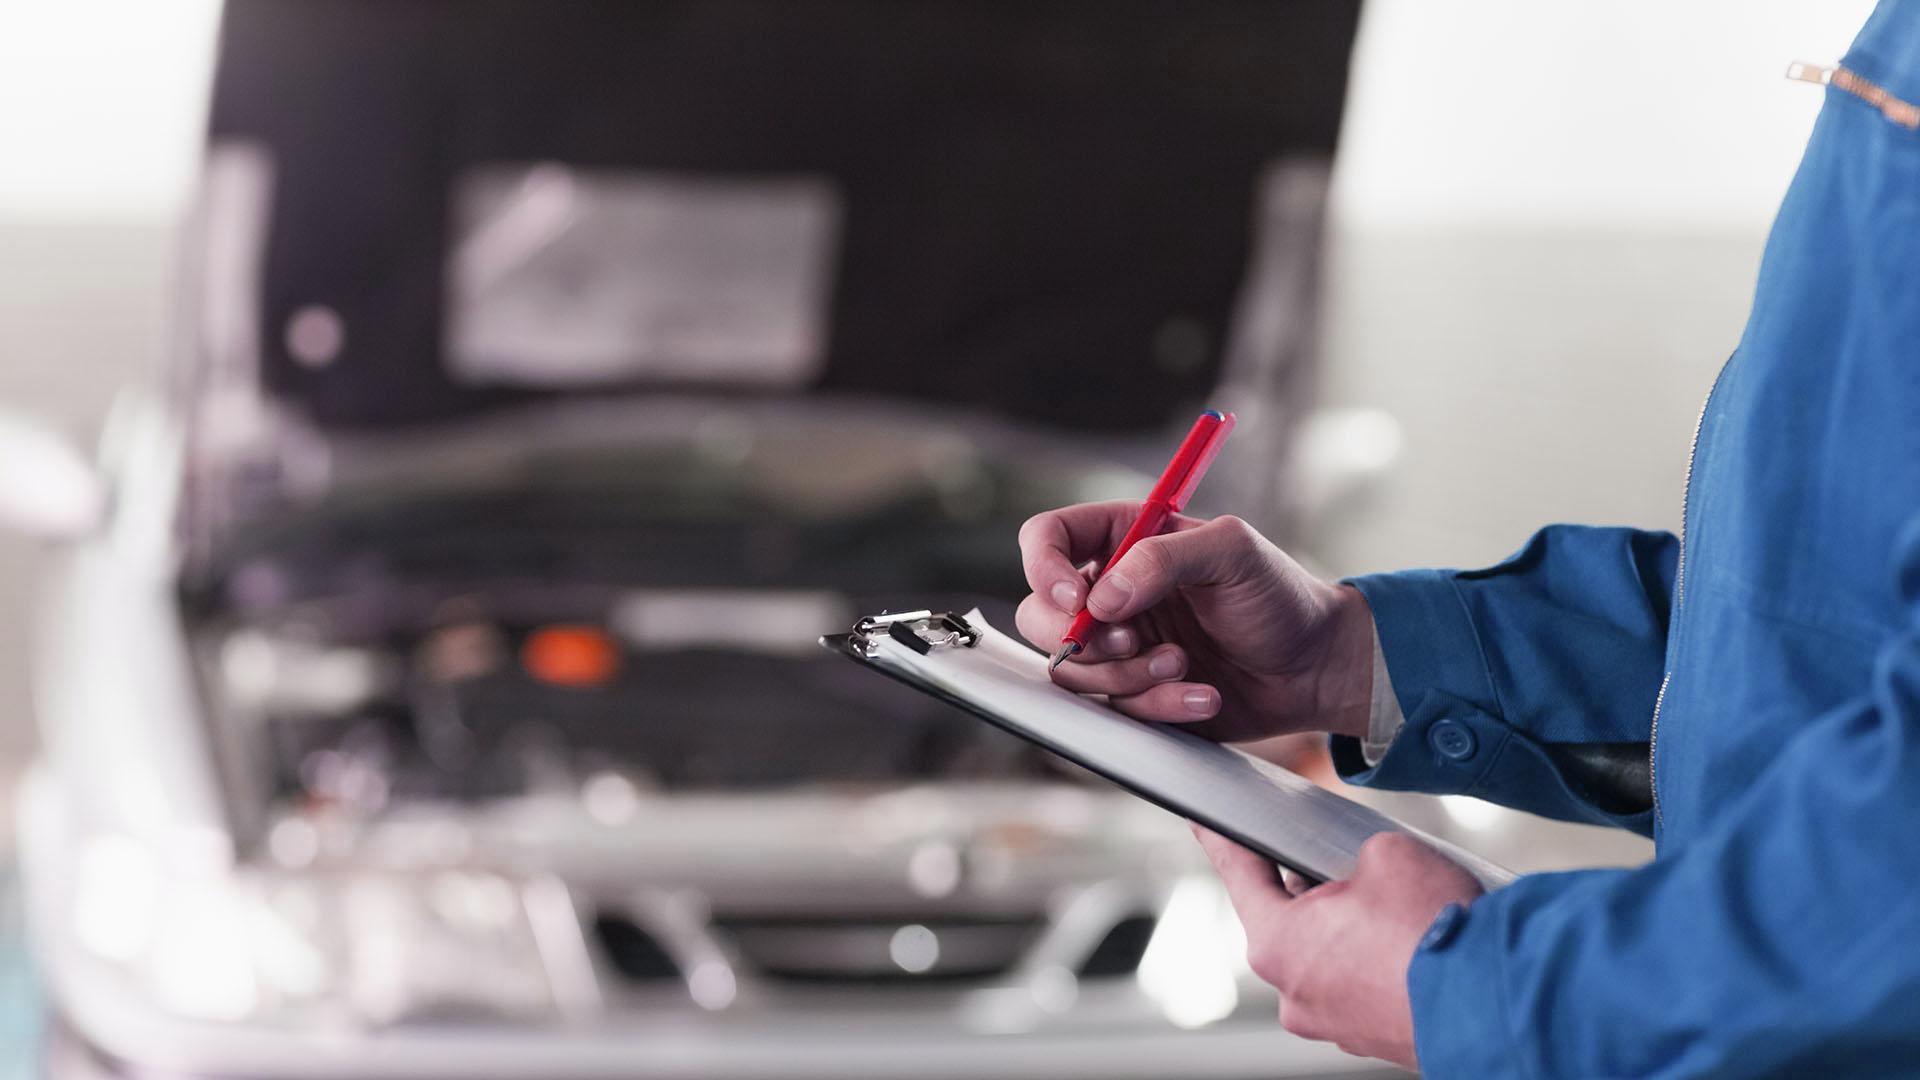 best car repair shop Derby, najlepszy polski mechanik w Derby